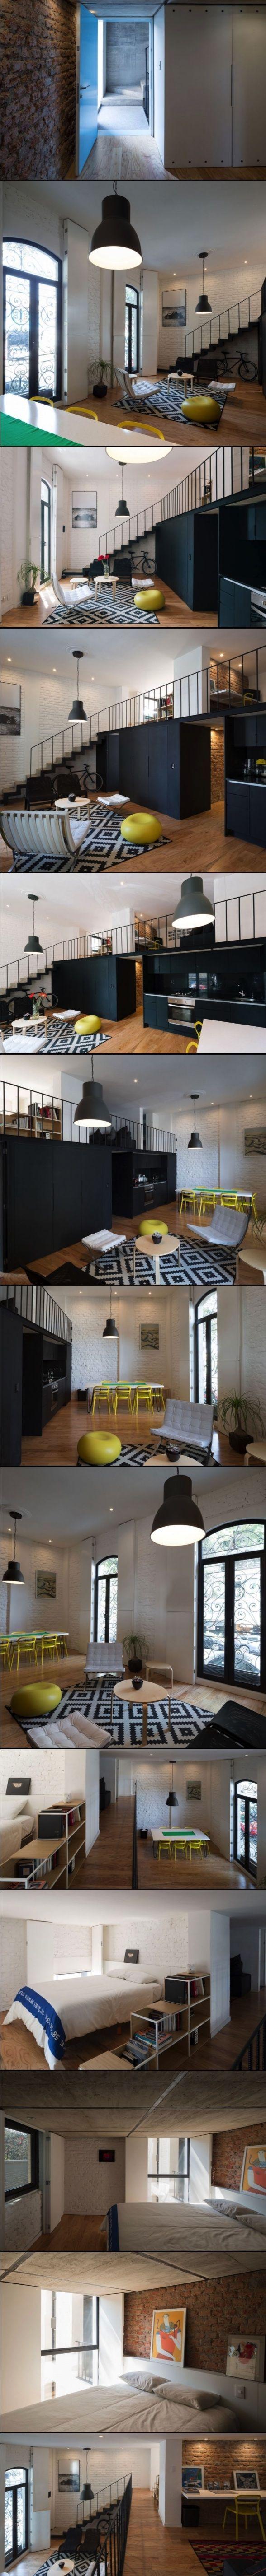 25 beste idee n over kleine trap op pinterest zoldertrappen wenteltrap en wenteltrappen - Ruimtebesparende mezzanine ...